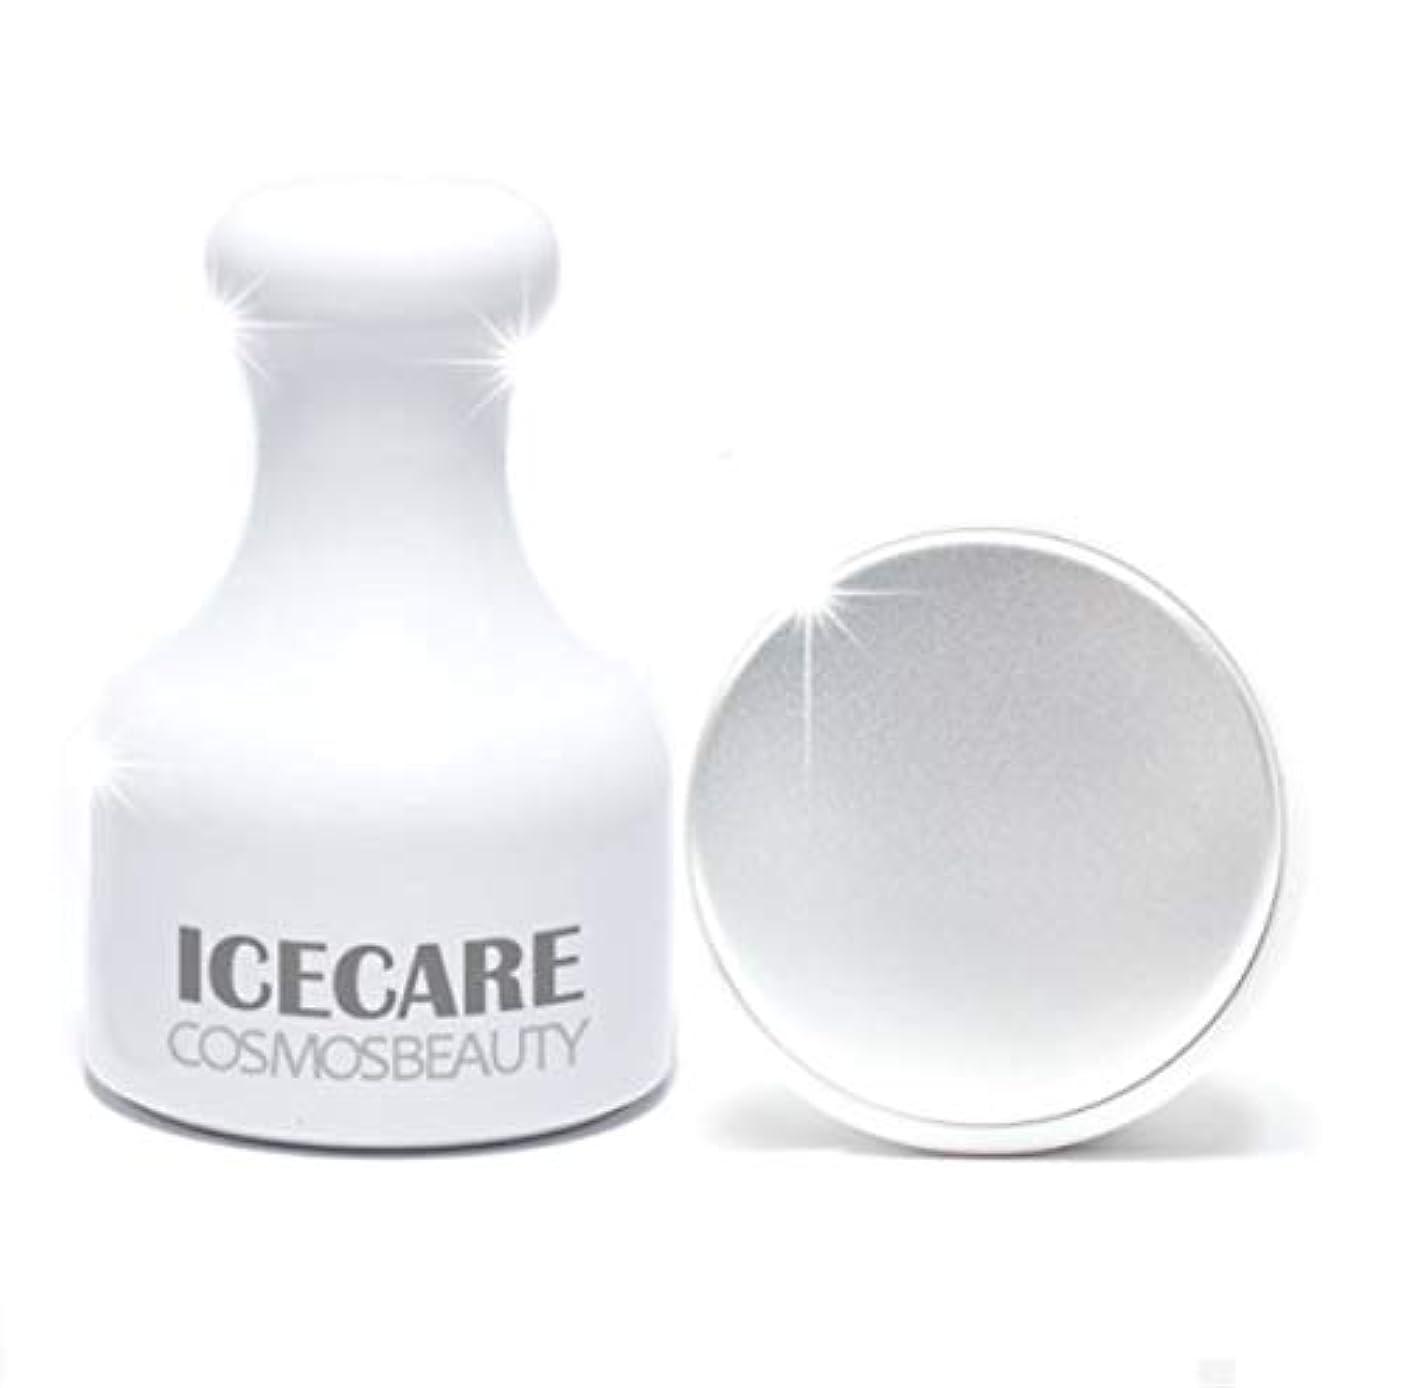 慣らす四回普及Cosmosbeauty Ice Care 毛穴ケア、冷マッサージ,フェイスクーラーアイスローラーフェイスローラー顔マッサージ機構の腫れ抜き方法毛穴縮小(海外直送品)